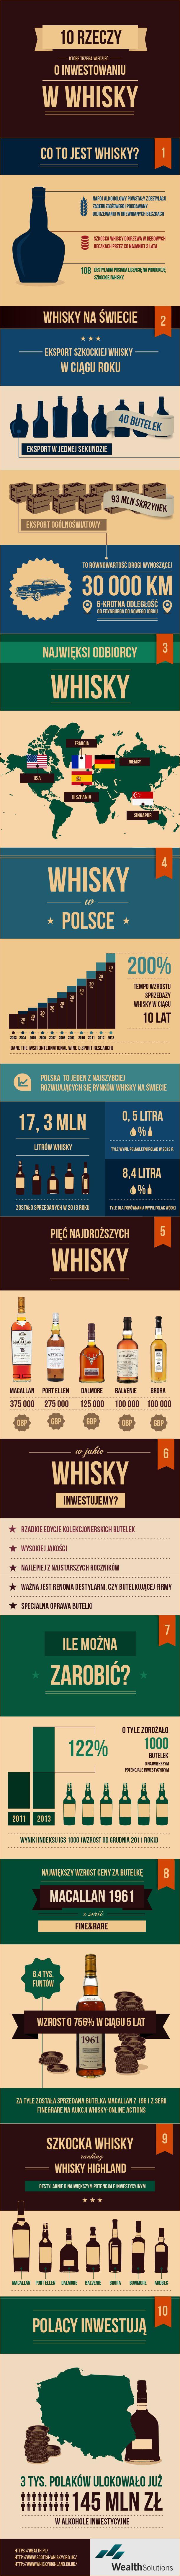 10 rzeczy, które trzeba wiedzieć o inwestowaniu w Whisky. Aż 93mln skrzynek teg trunku jest rocznie eksportowanych w świat. Zobacz ile można na tym zarobić.